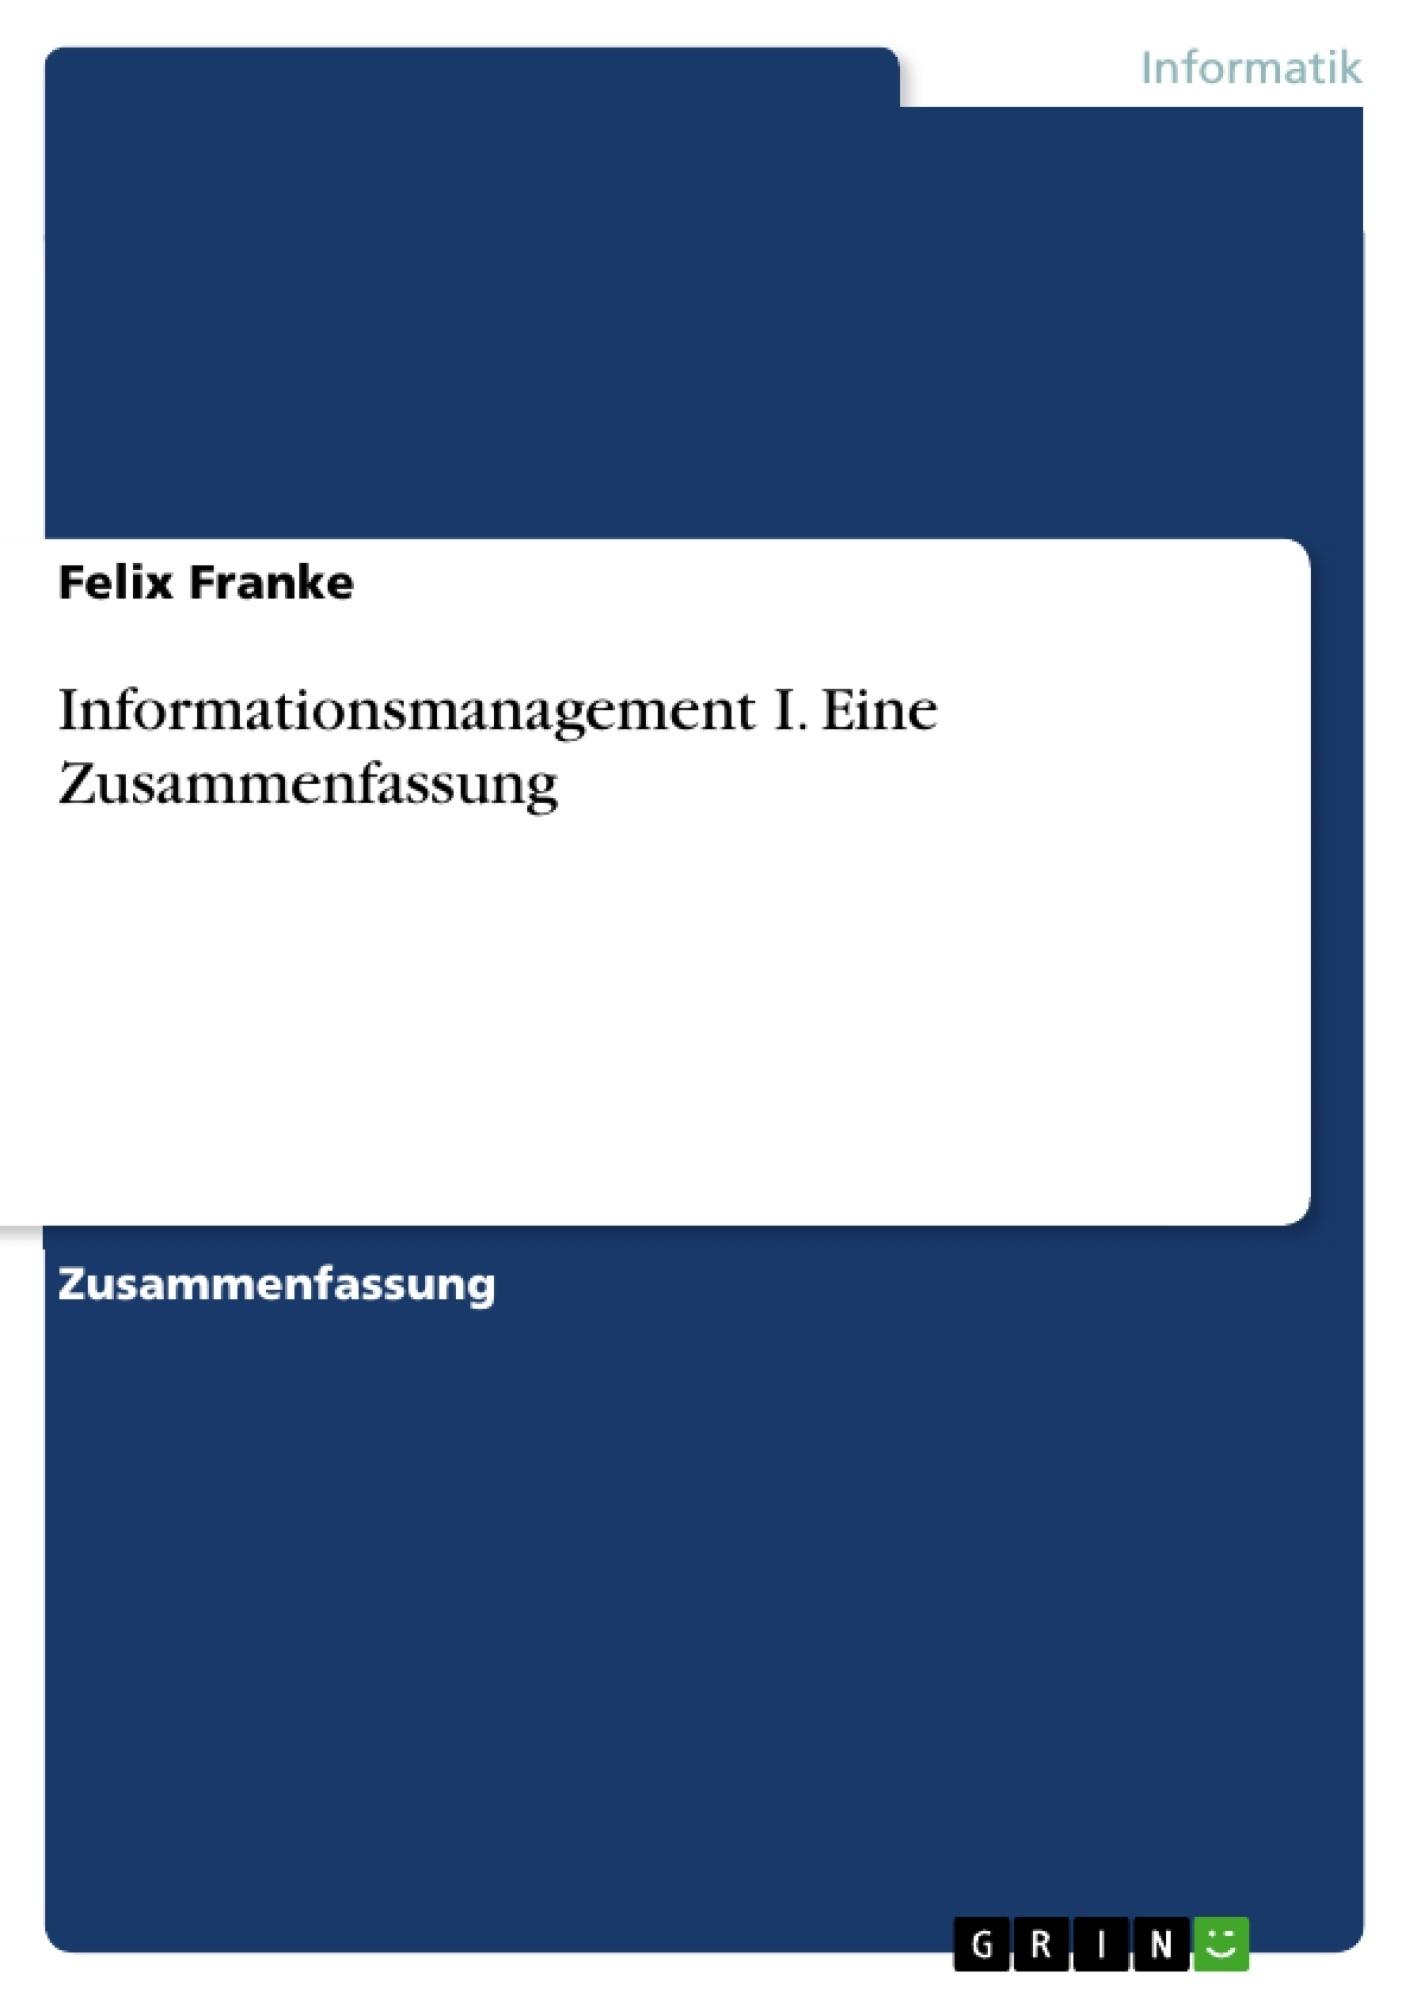 Informationsmanagement I. Eine Zusammenfassung | Masterarbeit ...